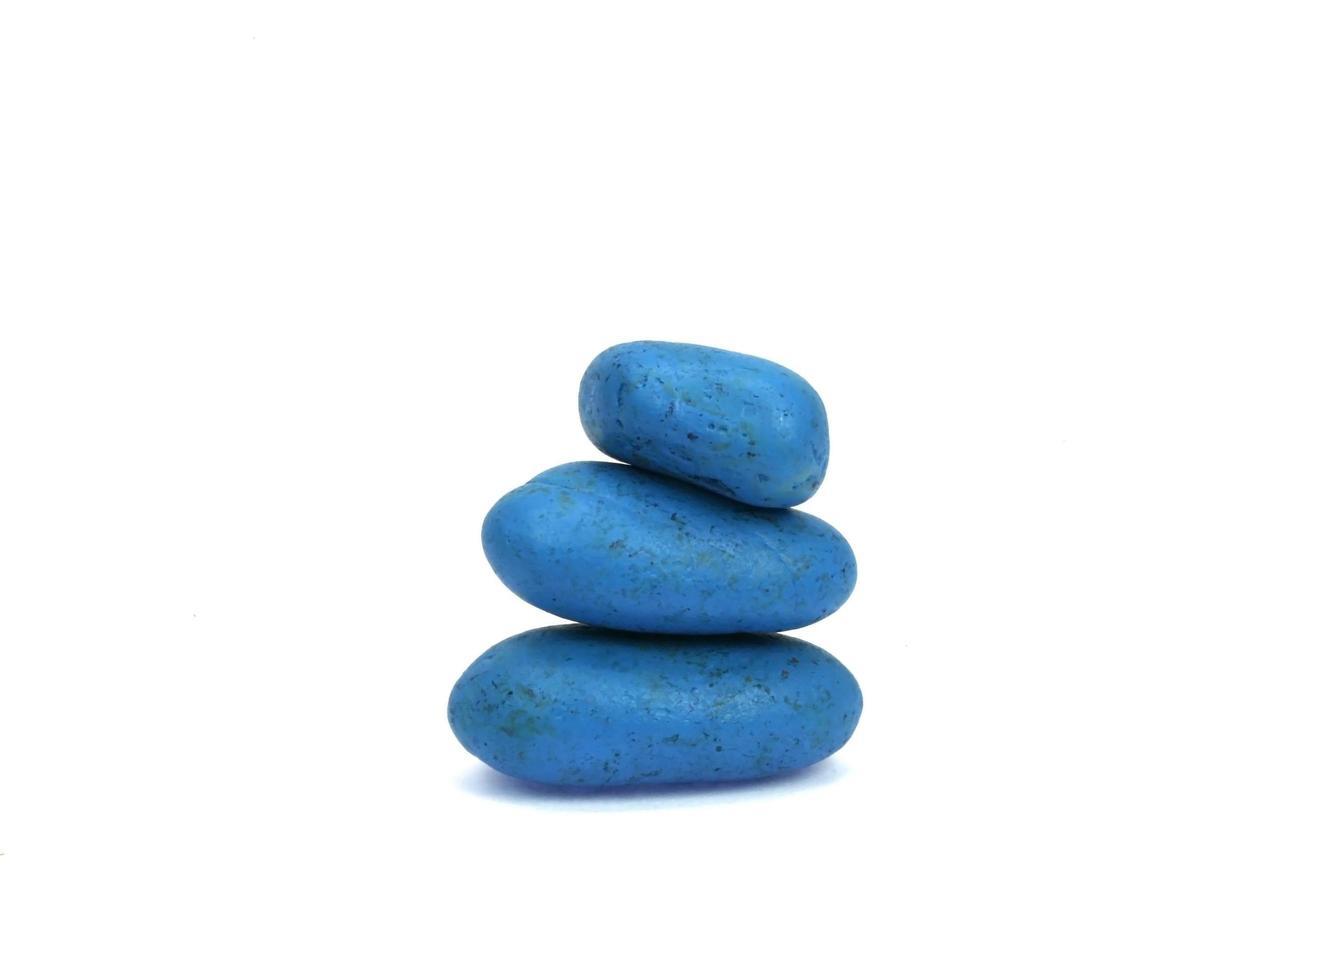 blaue Steine auf Weiß foto